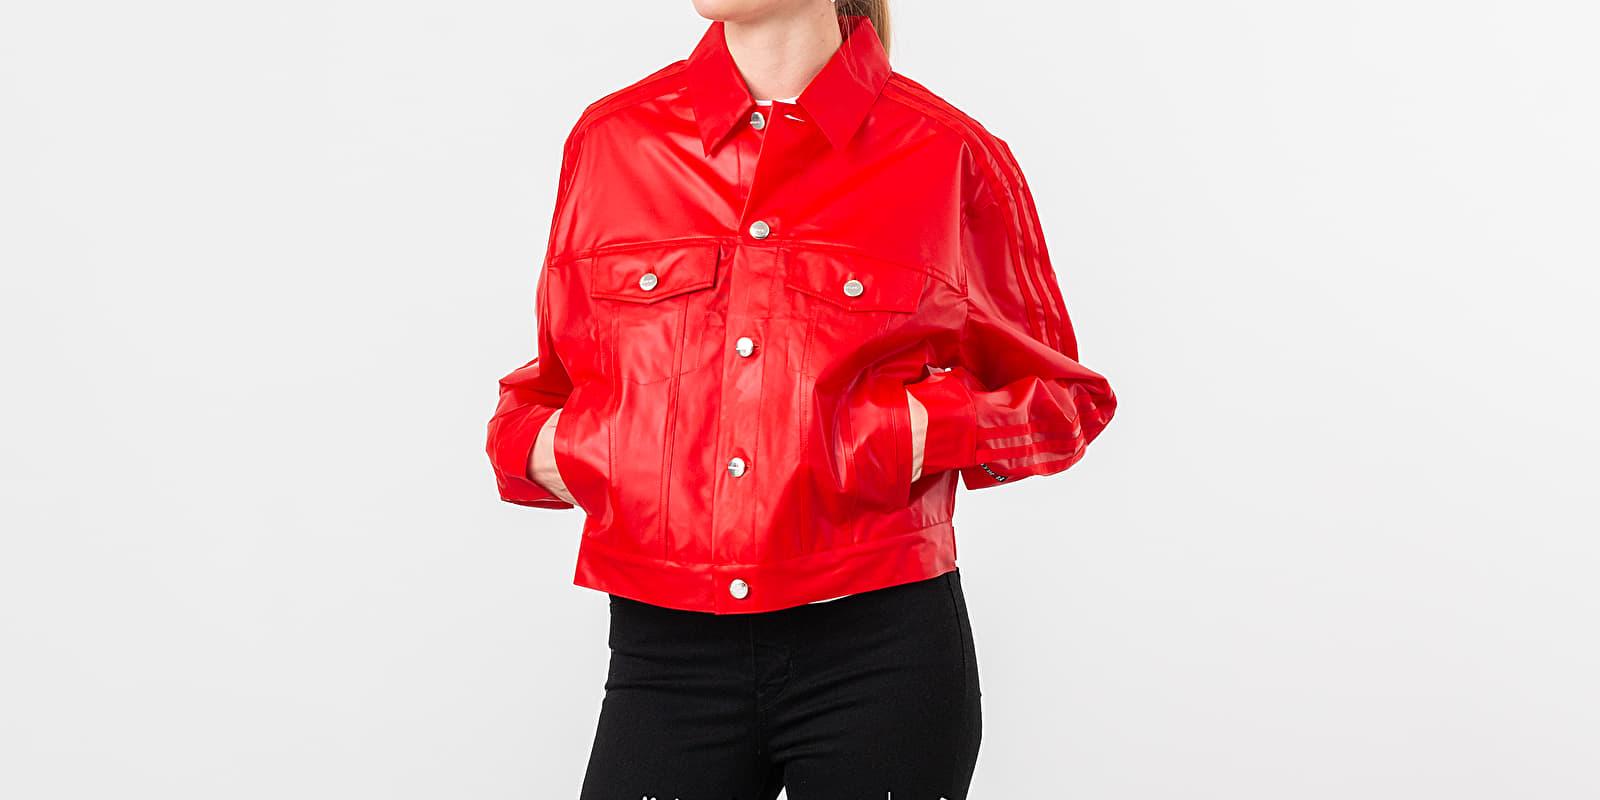 adidas x Fiorucci Kiss Jacket Red XS